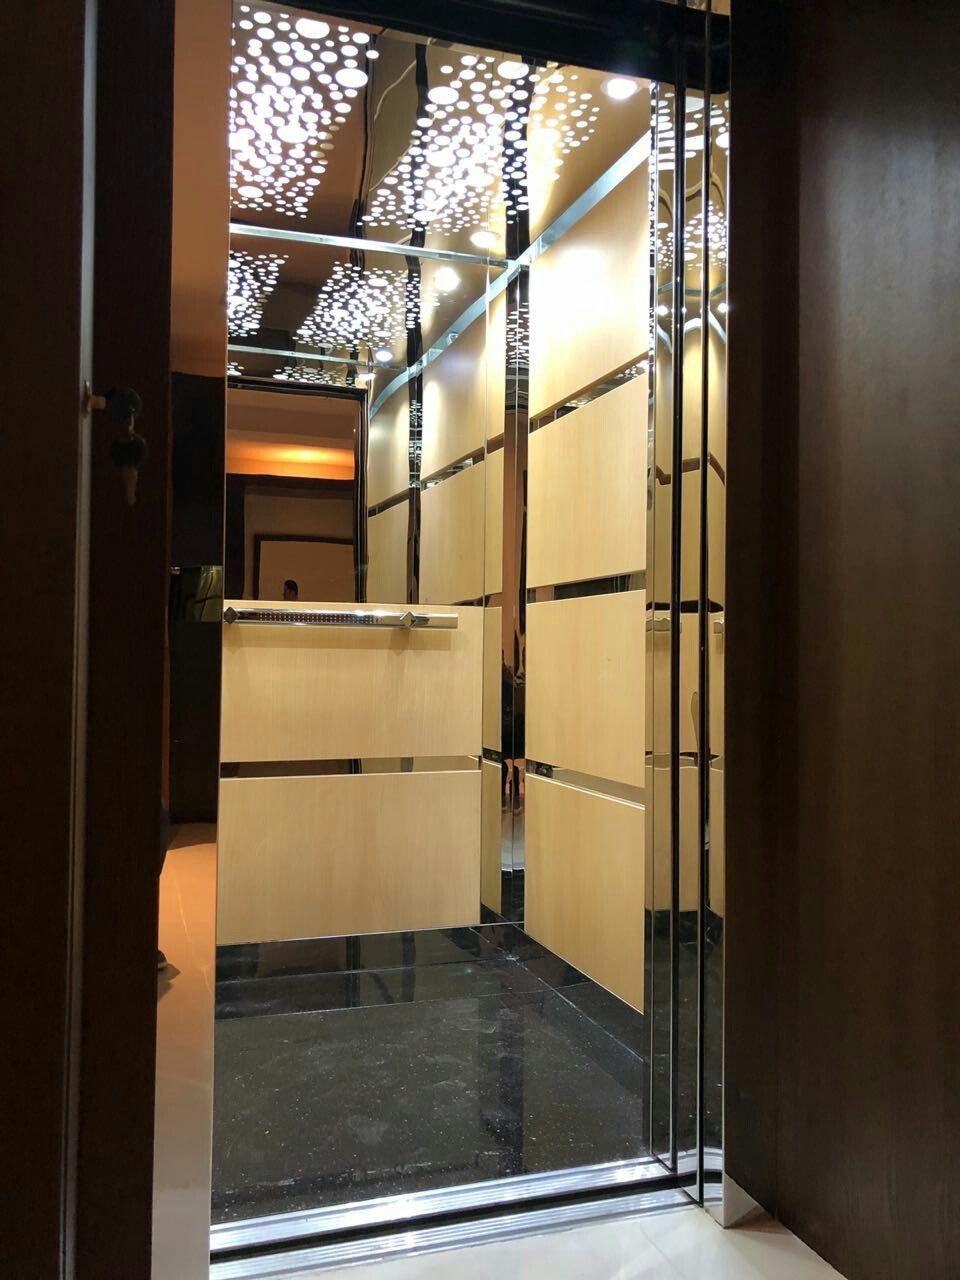 أقوى عروض نهاية العام من مصاعد استرا للمبيعات والدعم الفني 0543090780 0563372685 مصاعد كهربائية سلالم متحركة مصاعد منزل Home Decor Room Divider Decor